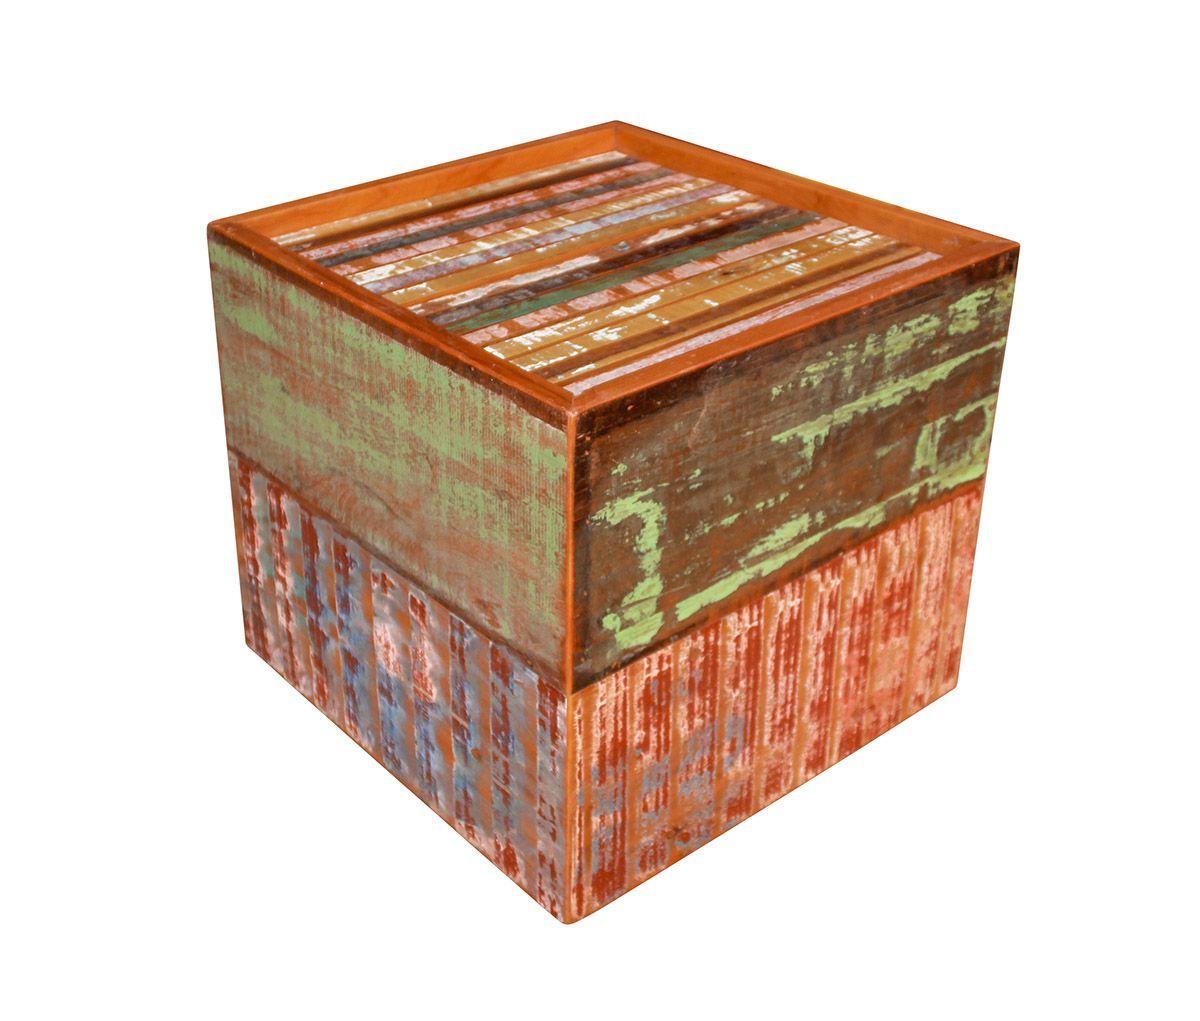 Banco Puff Em Madeira De Demolição medindo 45x45x43